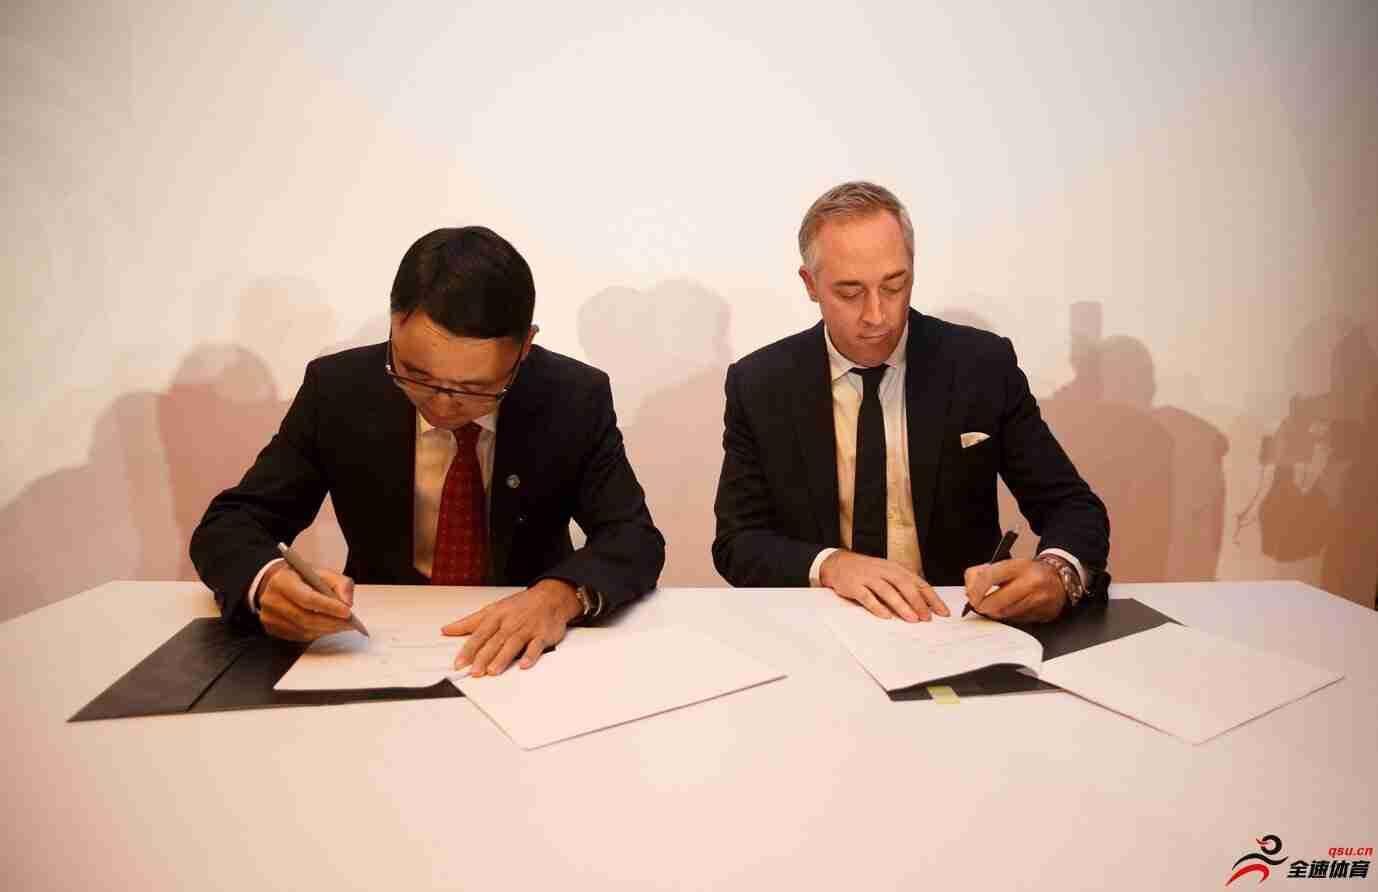 西甲联盟与中国足协在马德里成立永久性青训中心